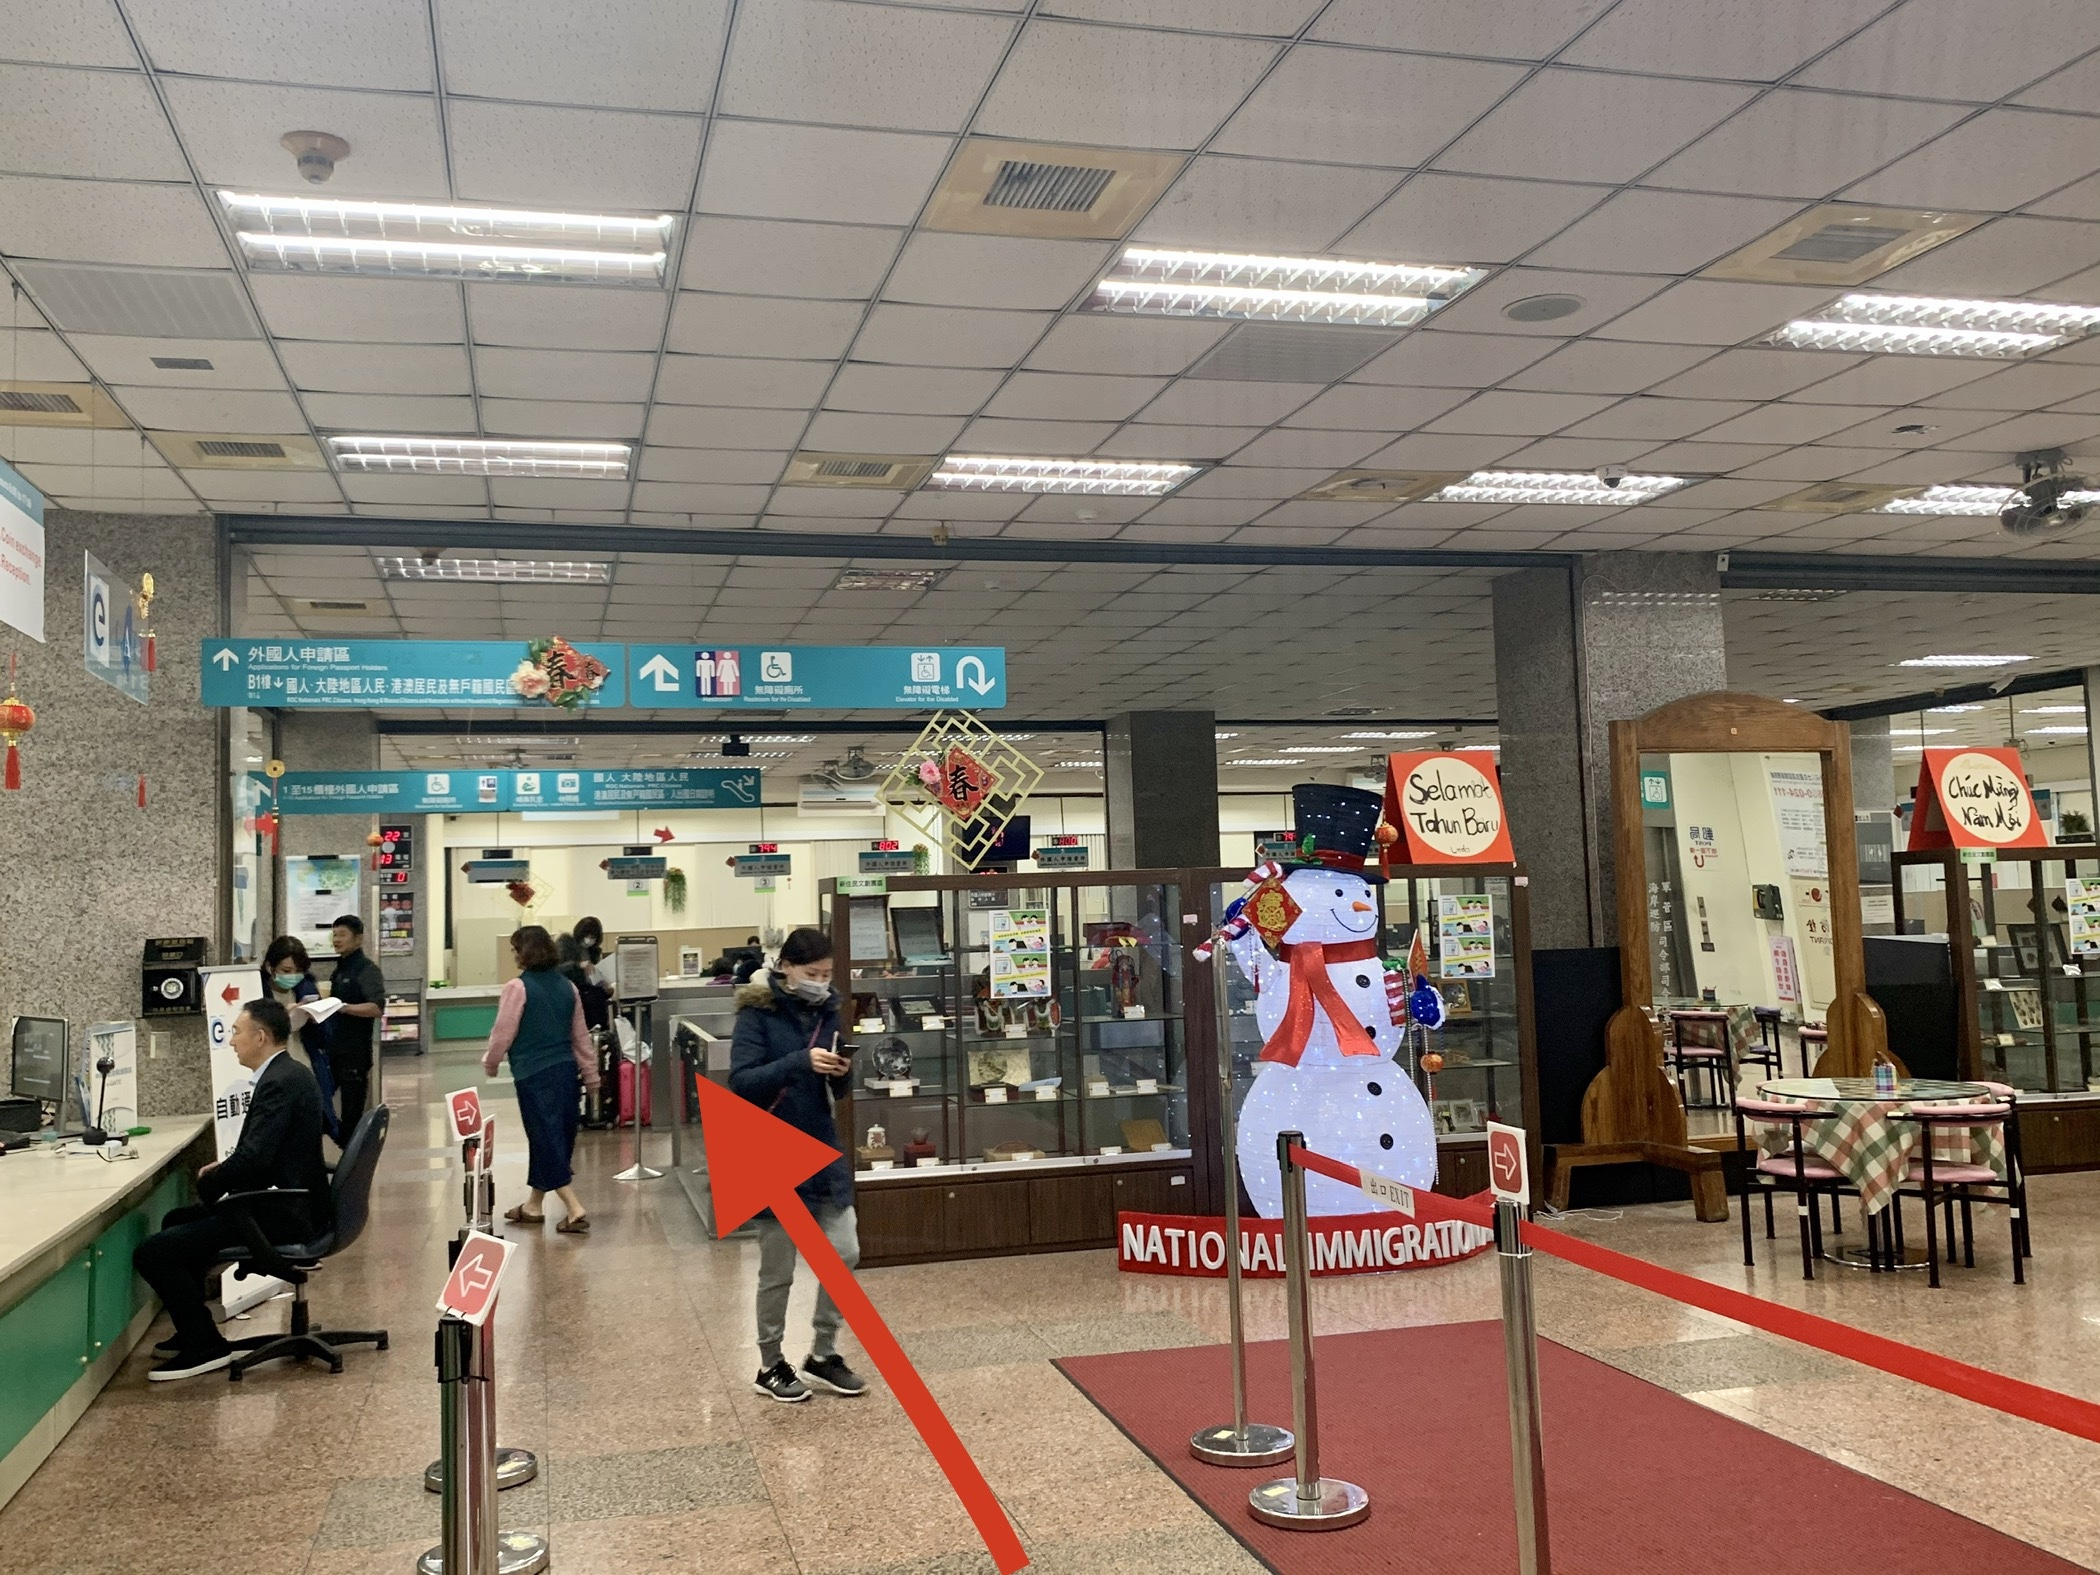 台北移民署台北服務站內部